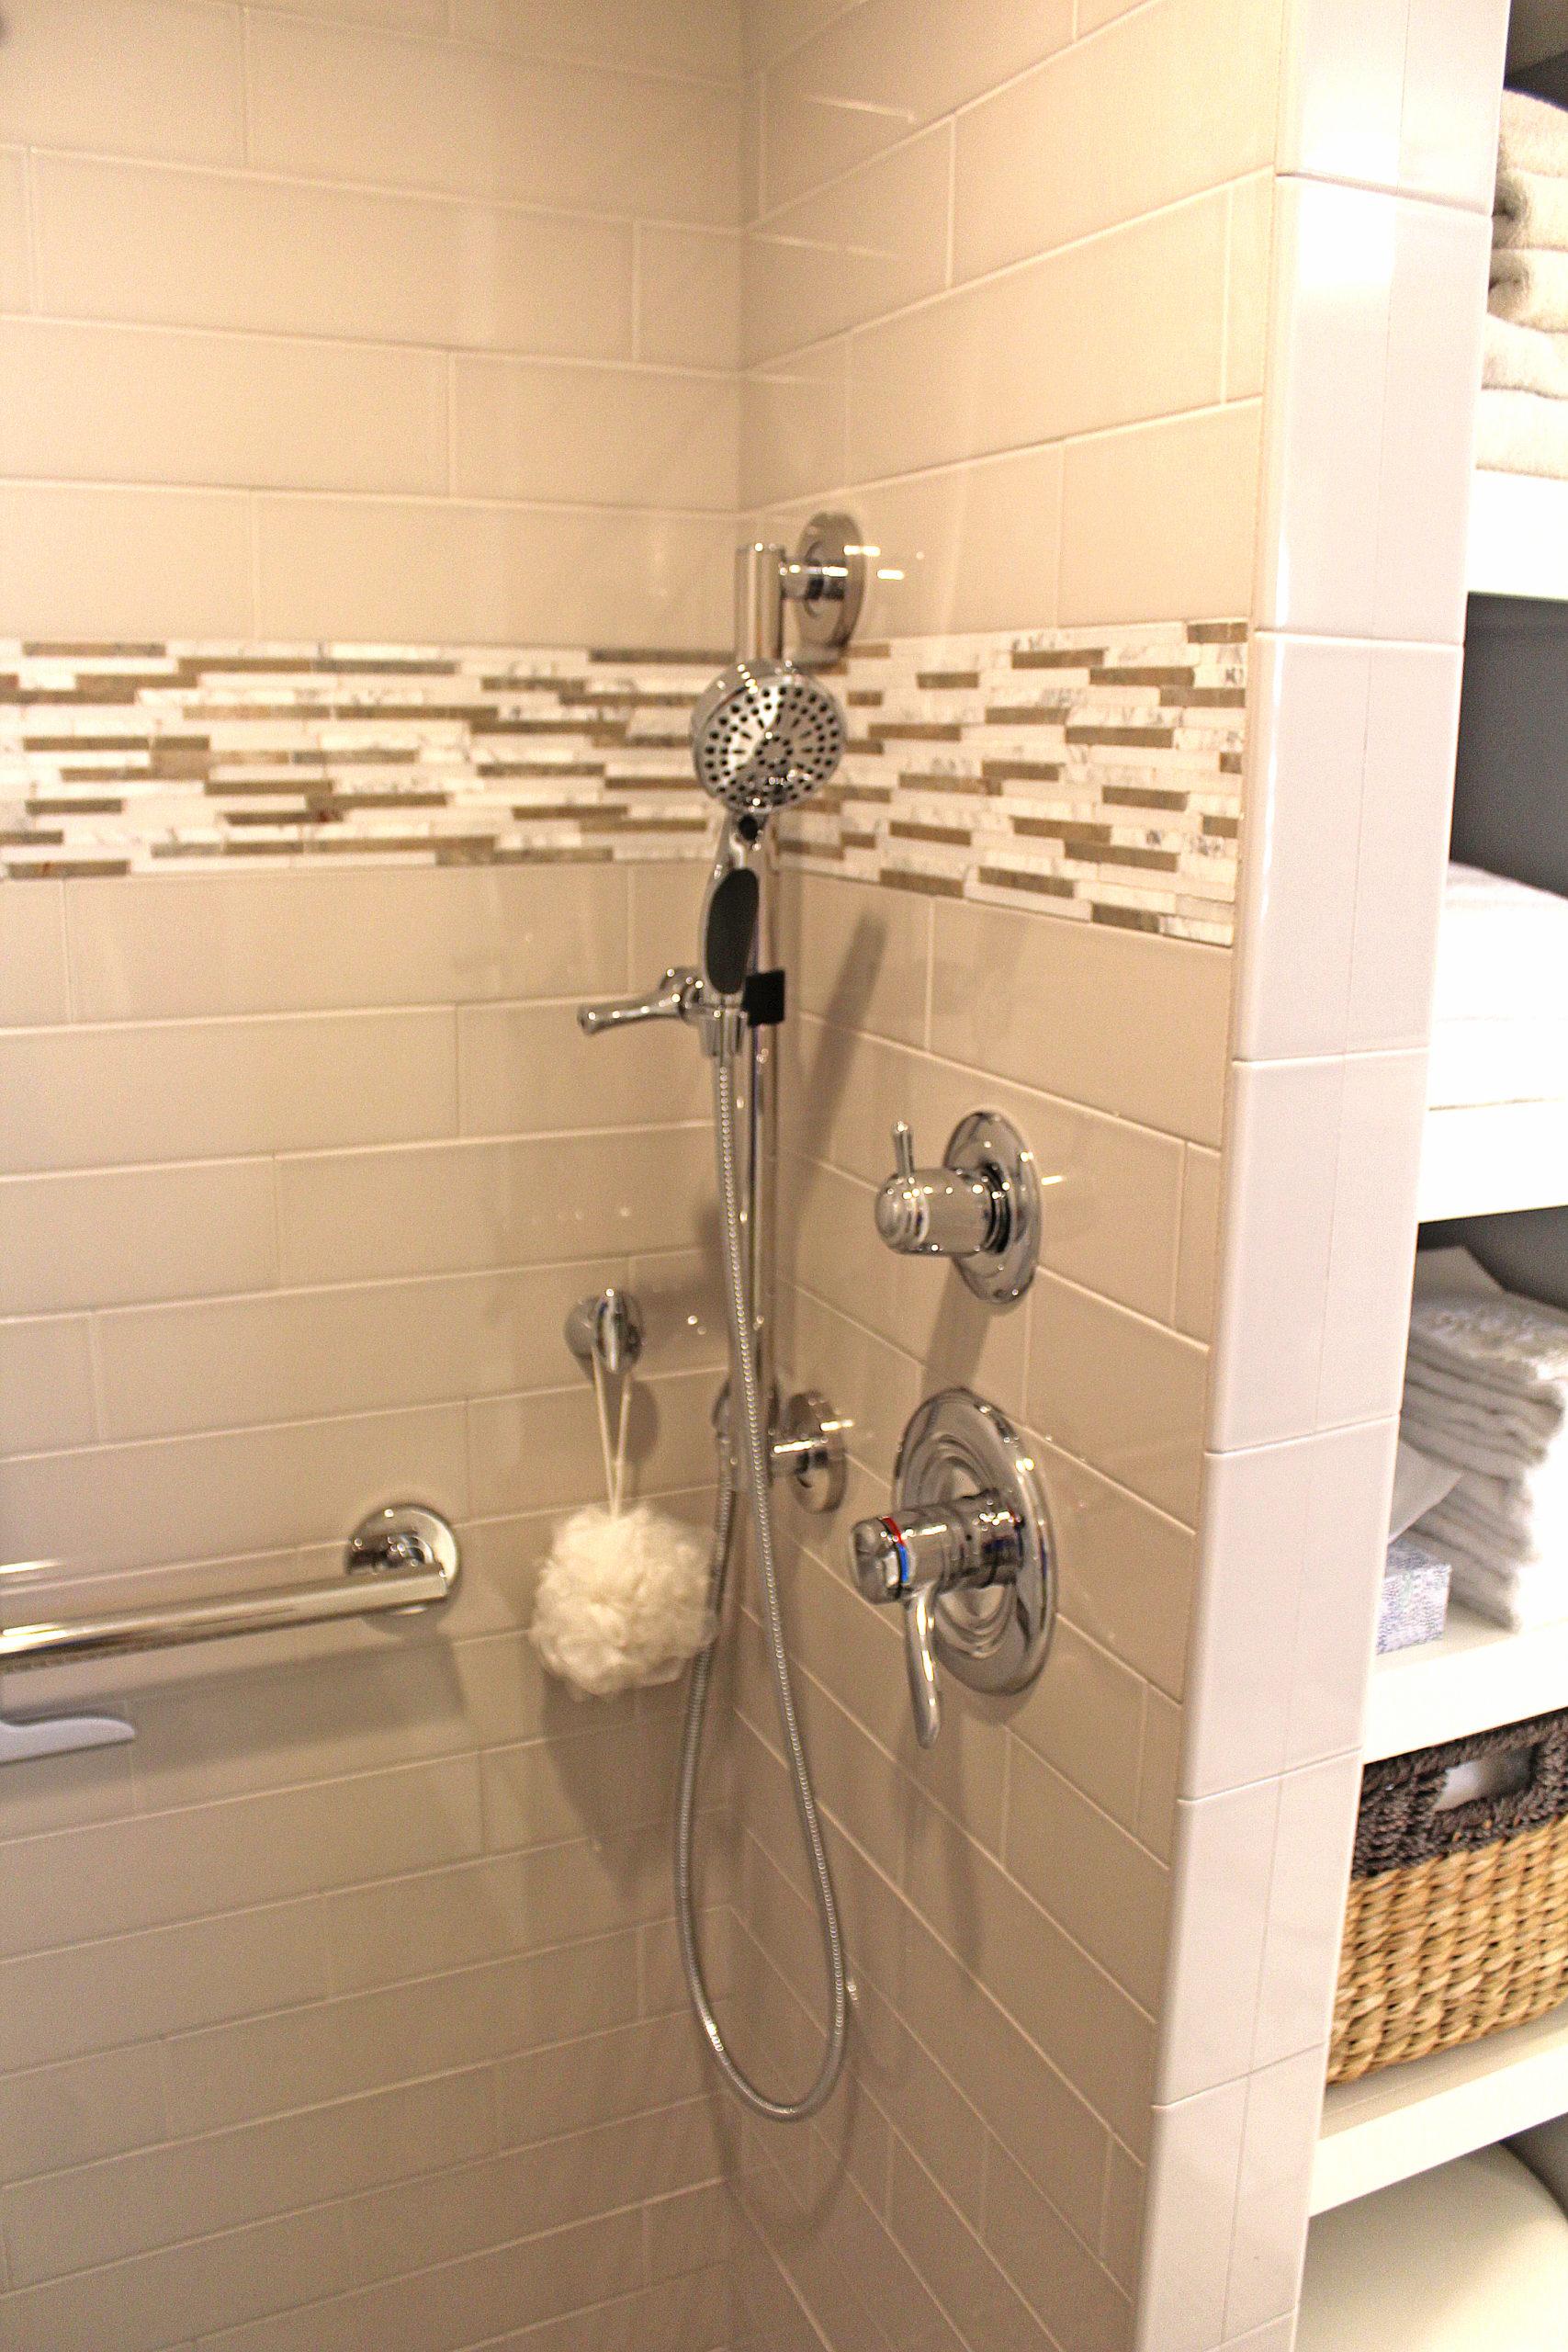 bathroom-remodeling-work-TAG-Builders-108-AD-Bathroom-Remodel-6-scaled